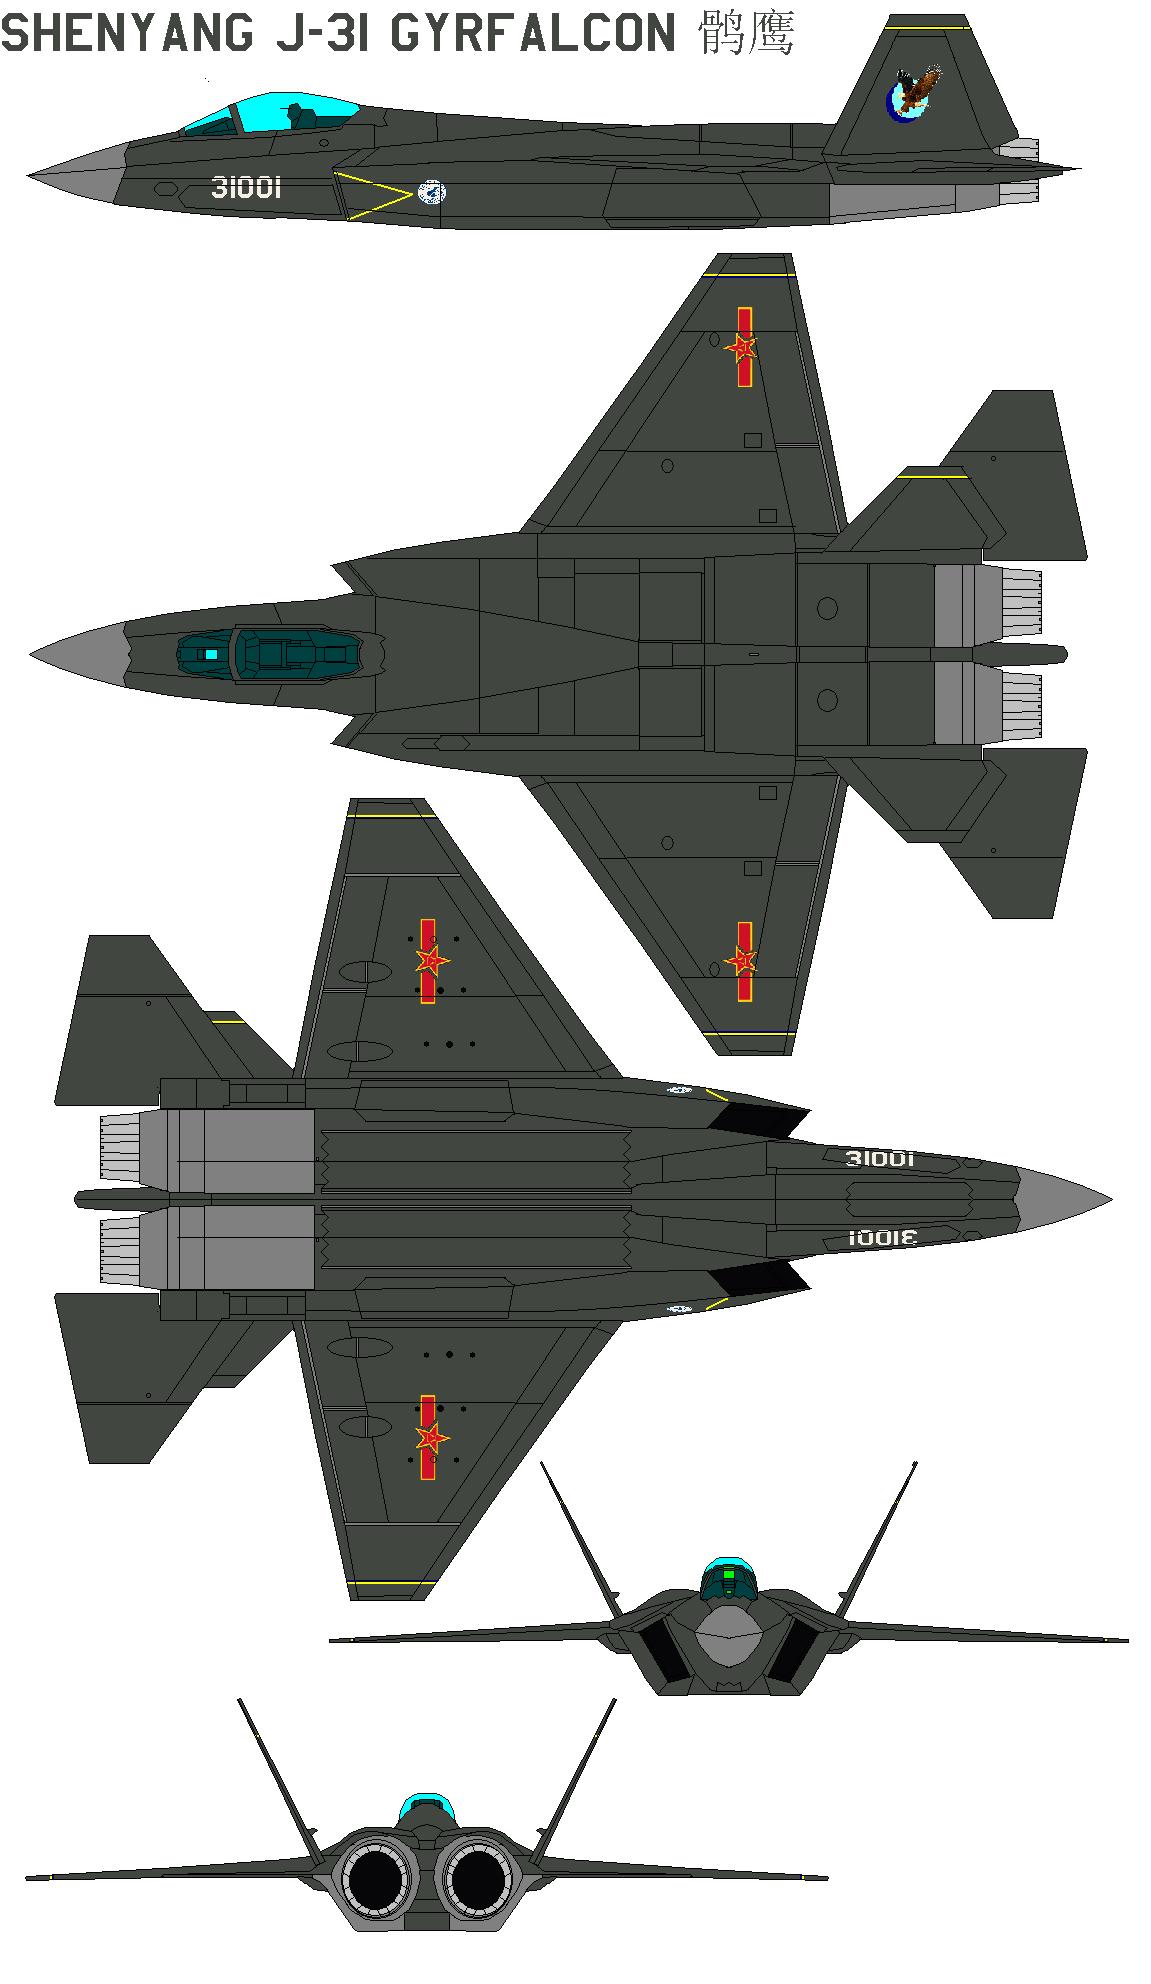 Chasseurs chinois - Page 3 ShenyangJ-31Gyrfalcon